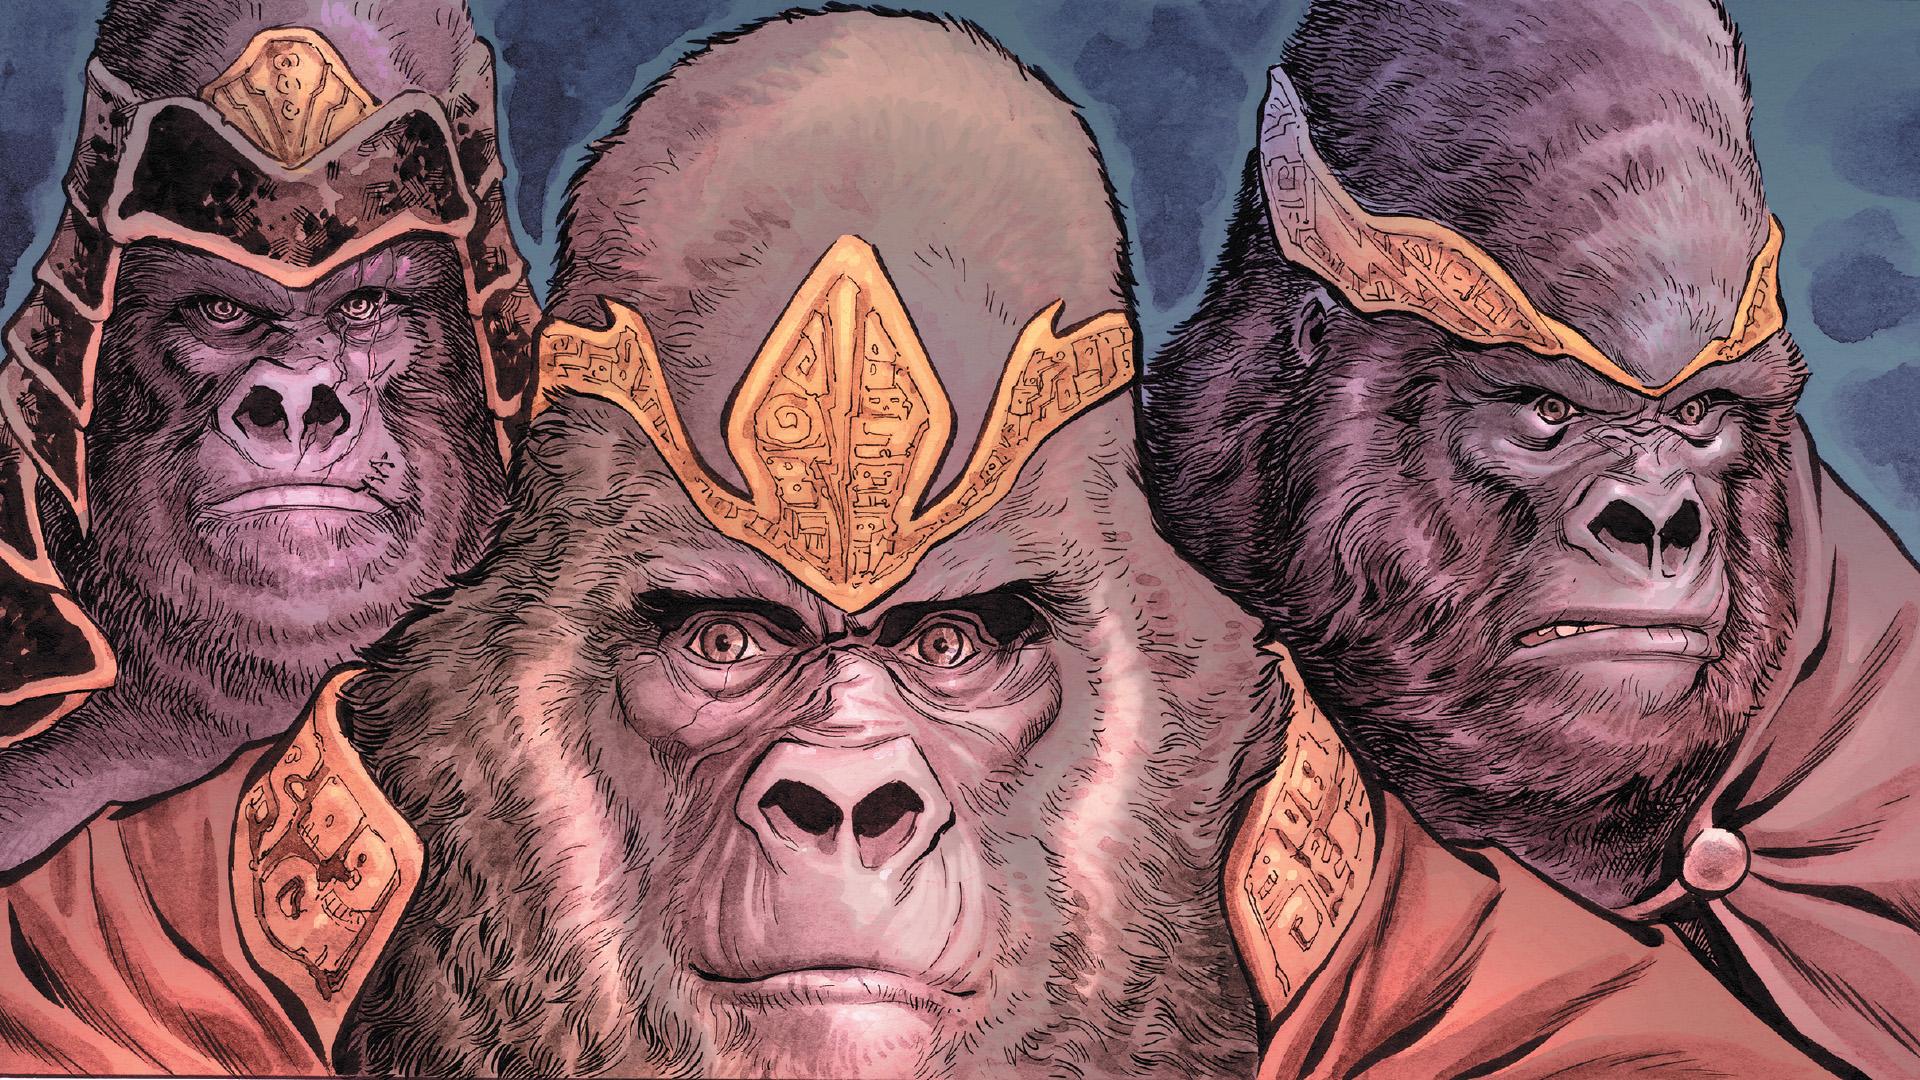 Quelle est la particularité de Gorilla Grodd, un des ennemis jurés de Flash ?